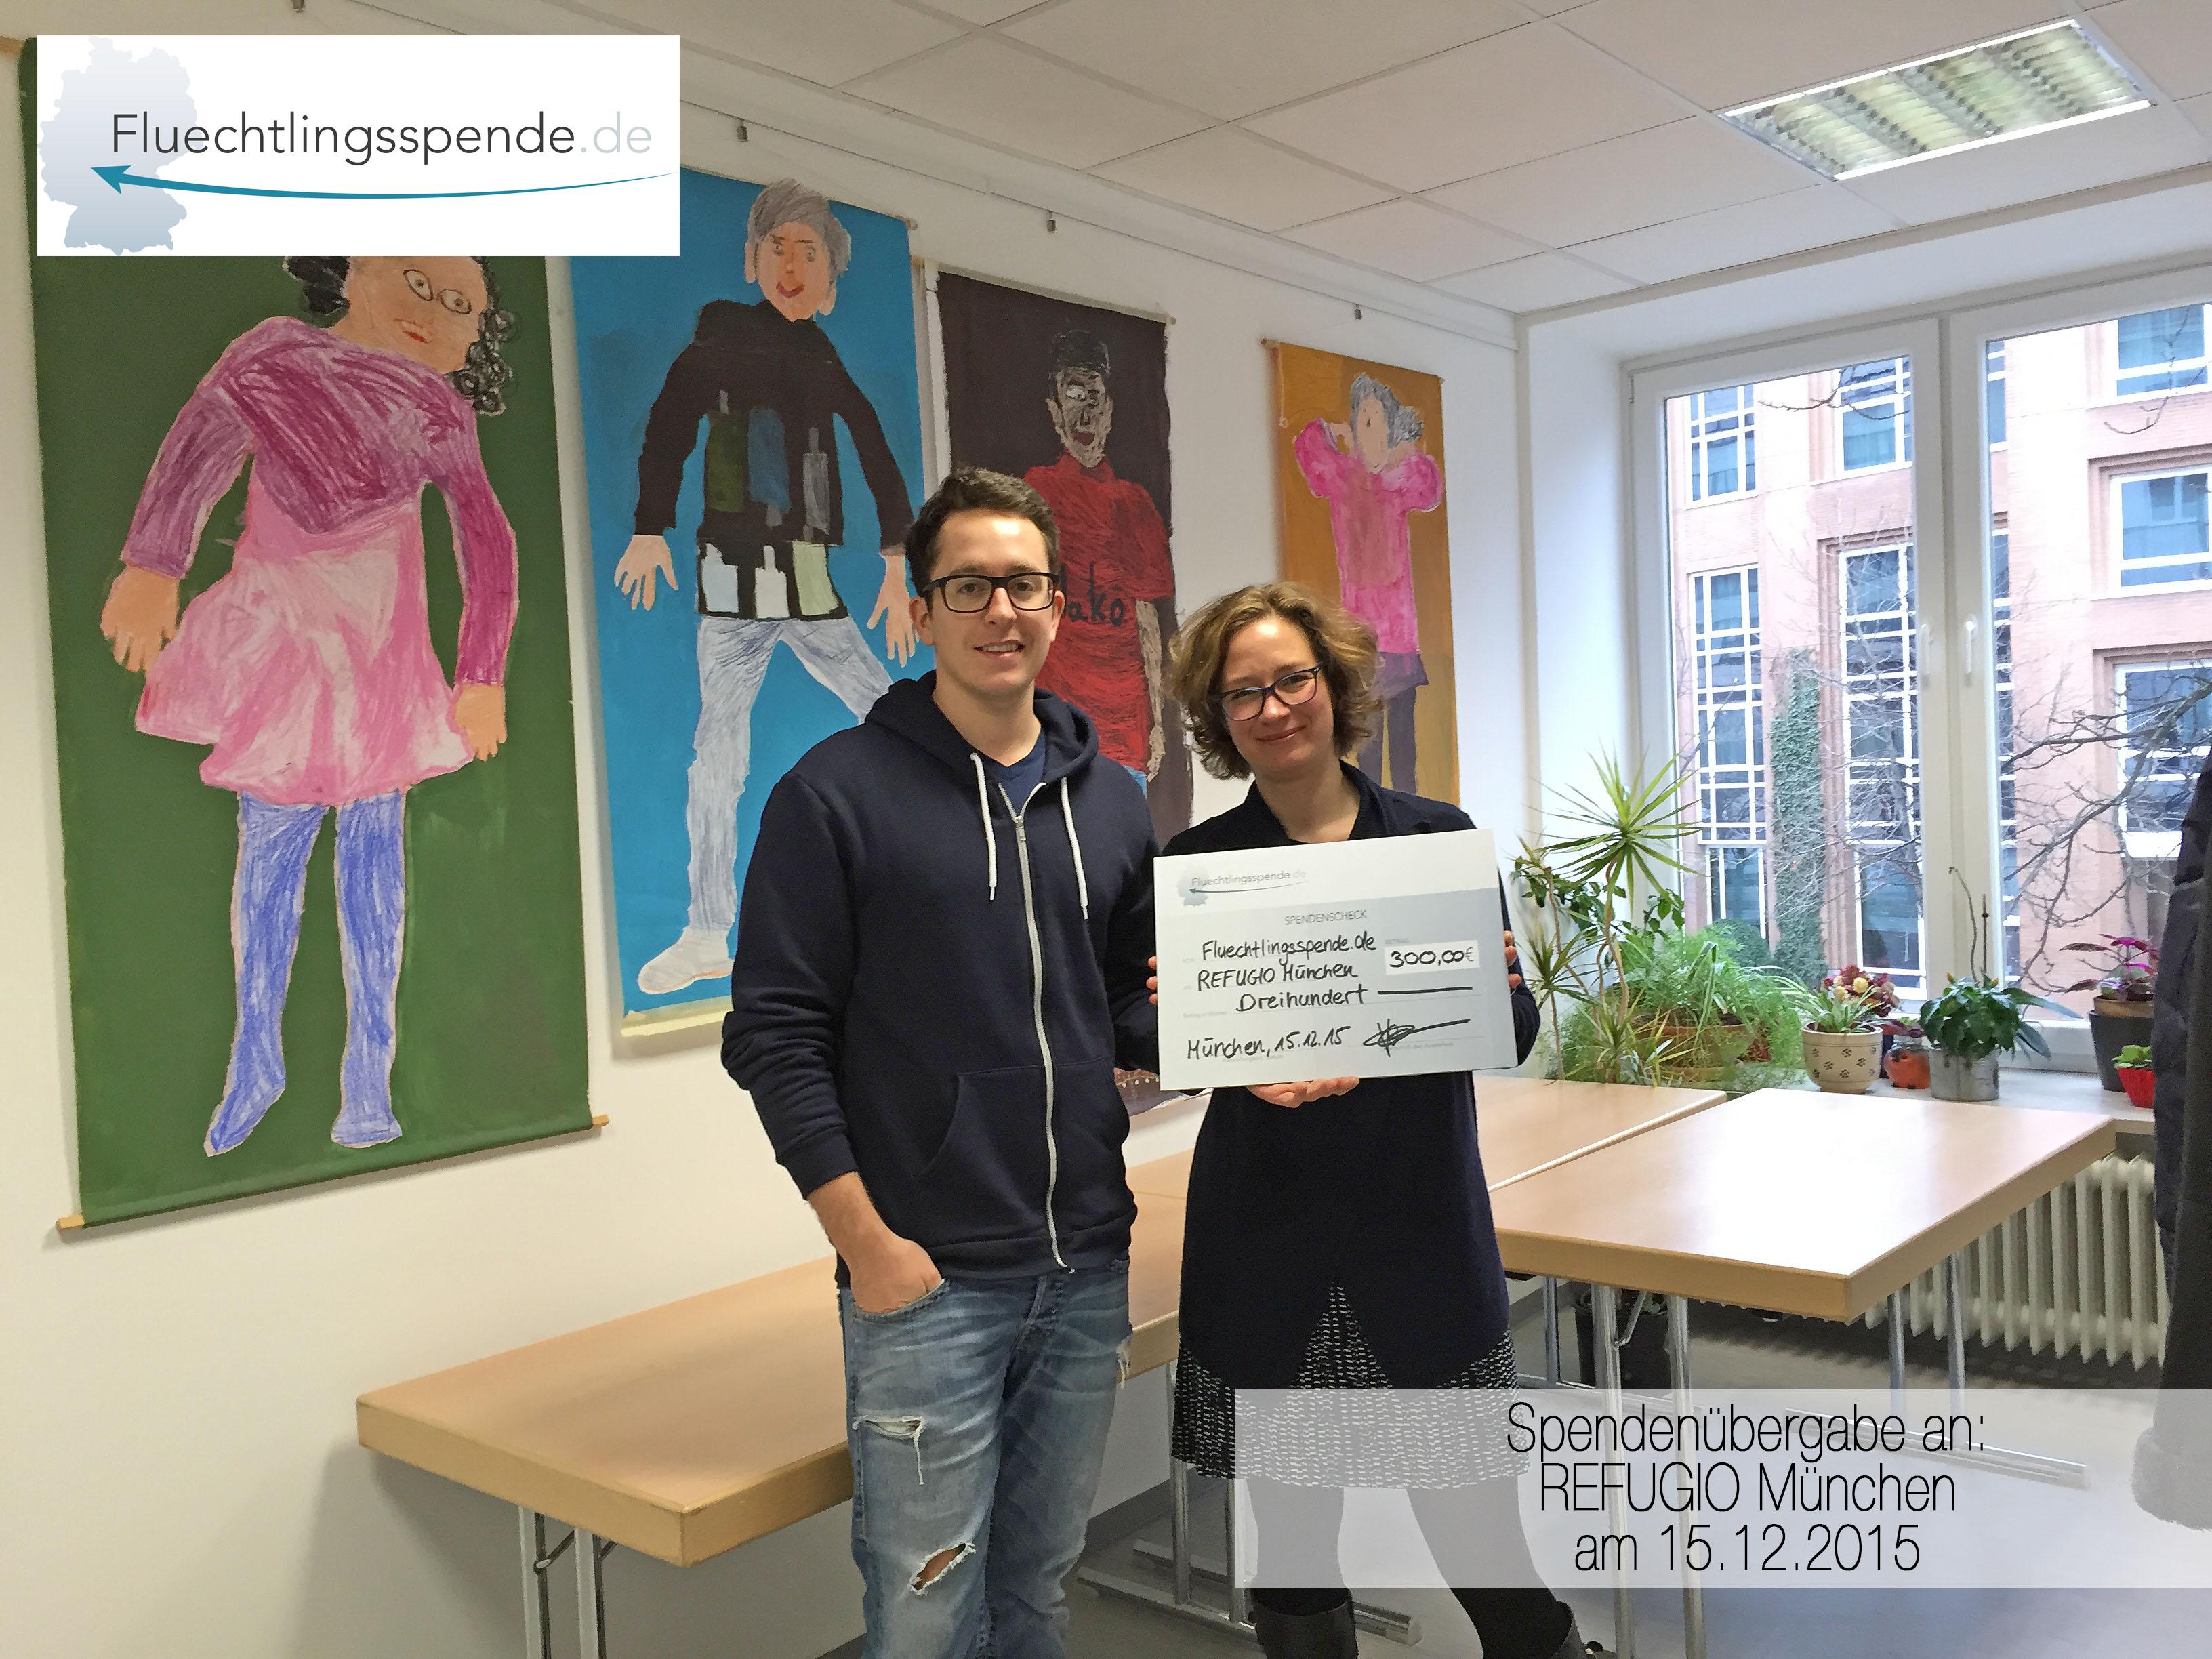 Spendenübergabe an REFUGIO München am 15.12.2015